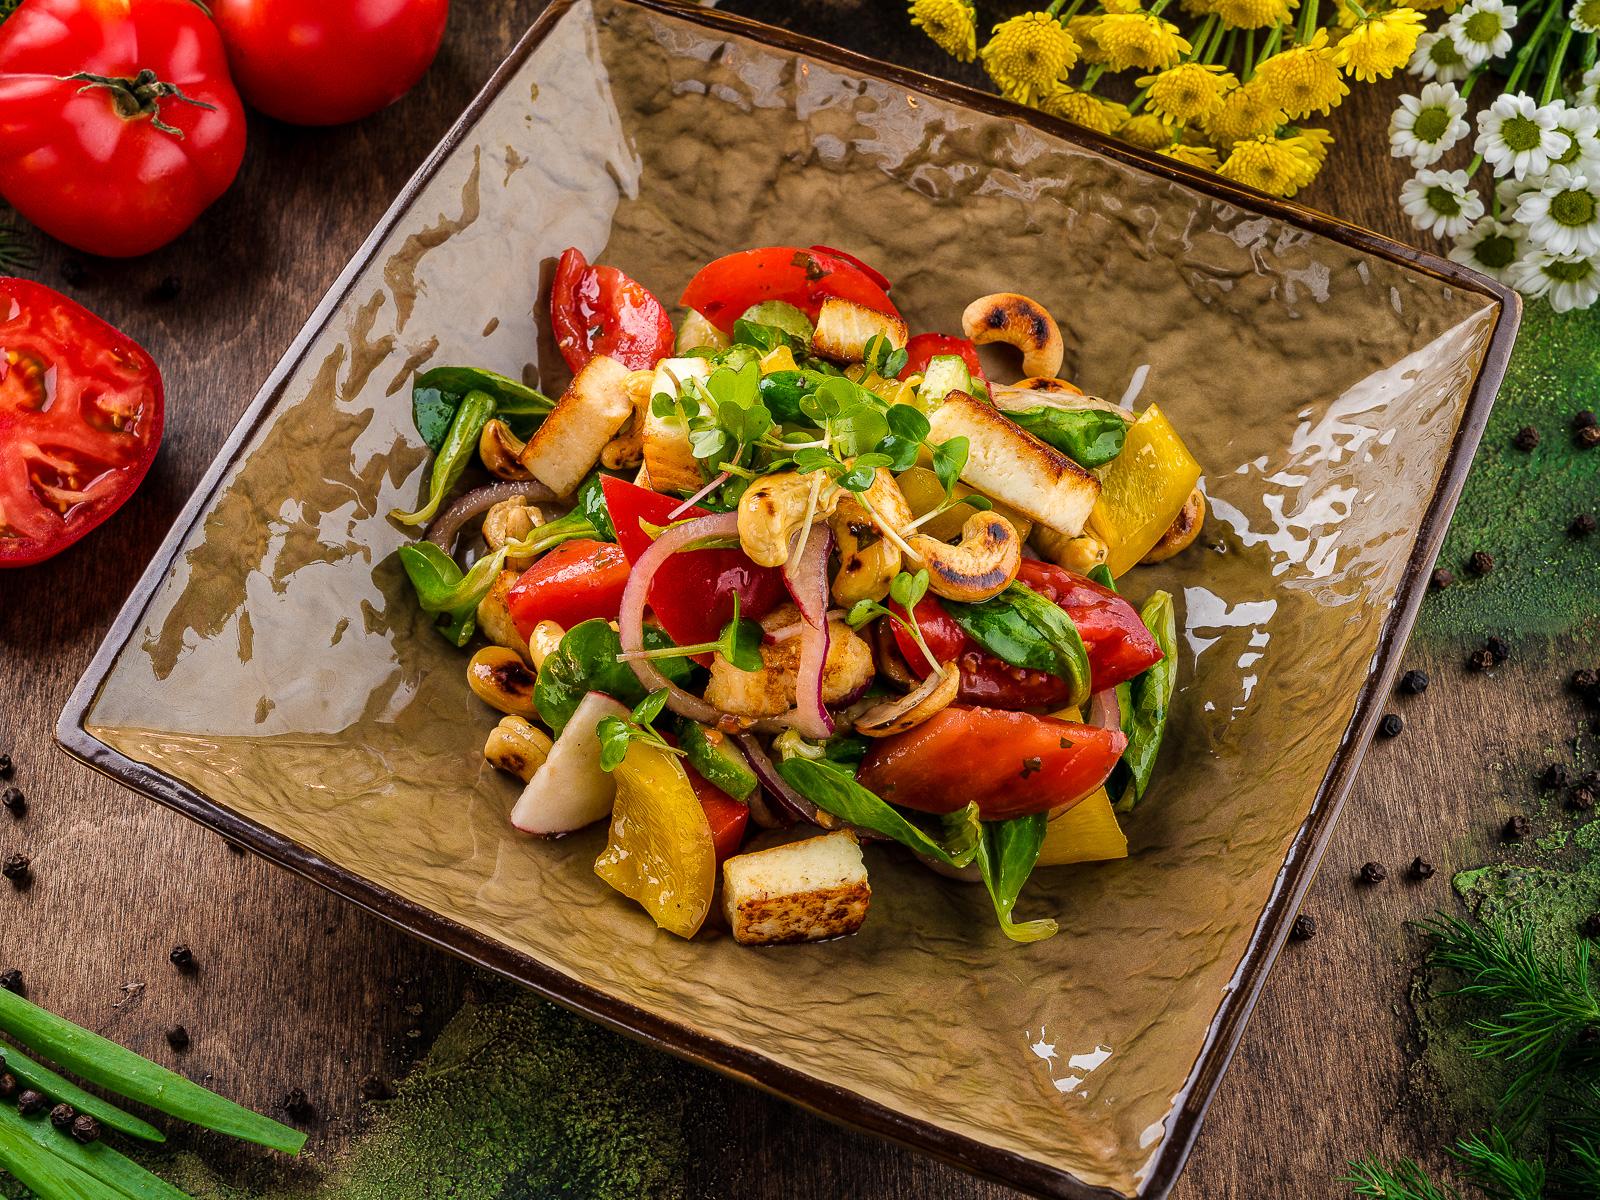 Салат с жареным сыром и орехами кешью